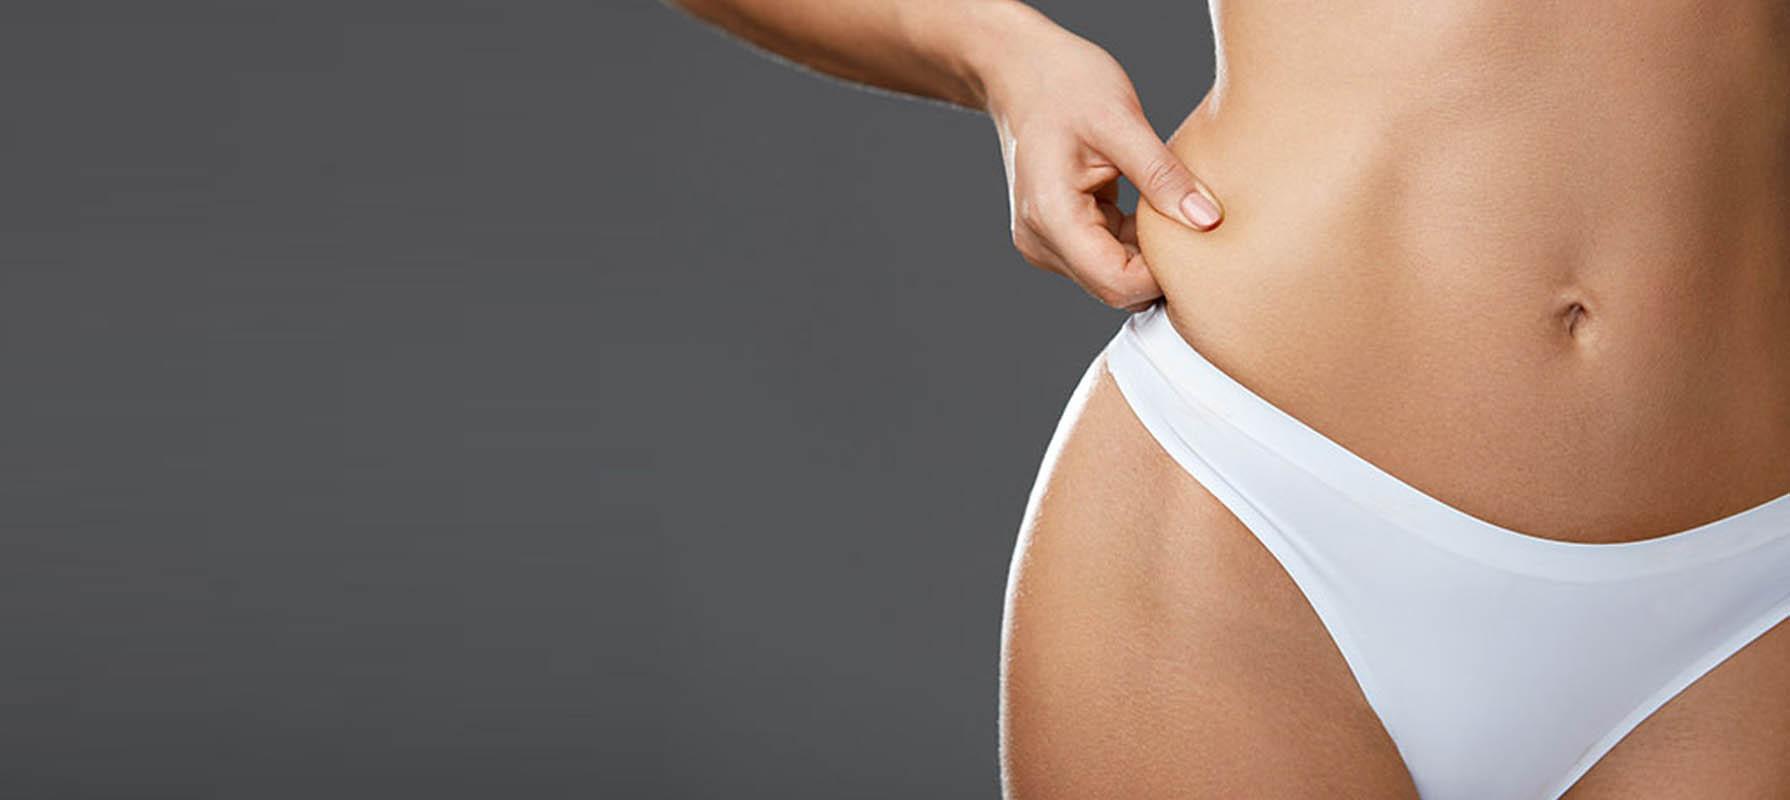 Liposuzione addome Arconate, il Dottor Raoul Novelli, annoverato tra i migliori chirurghi plastici